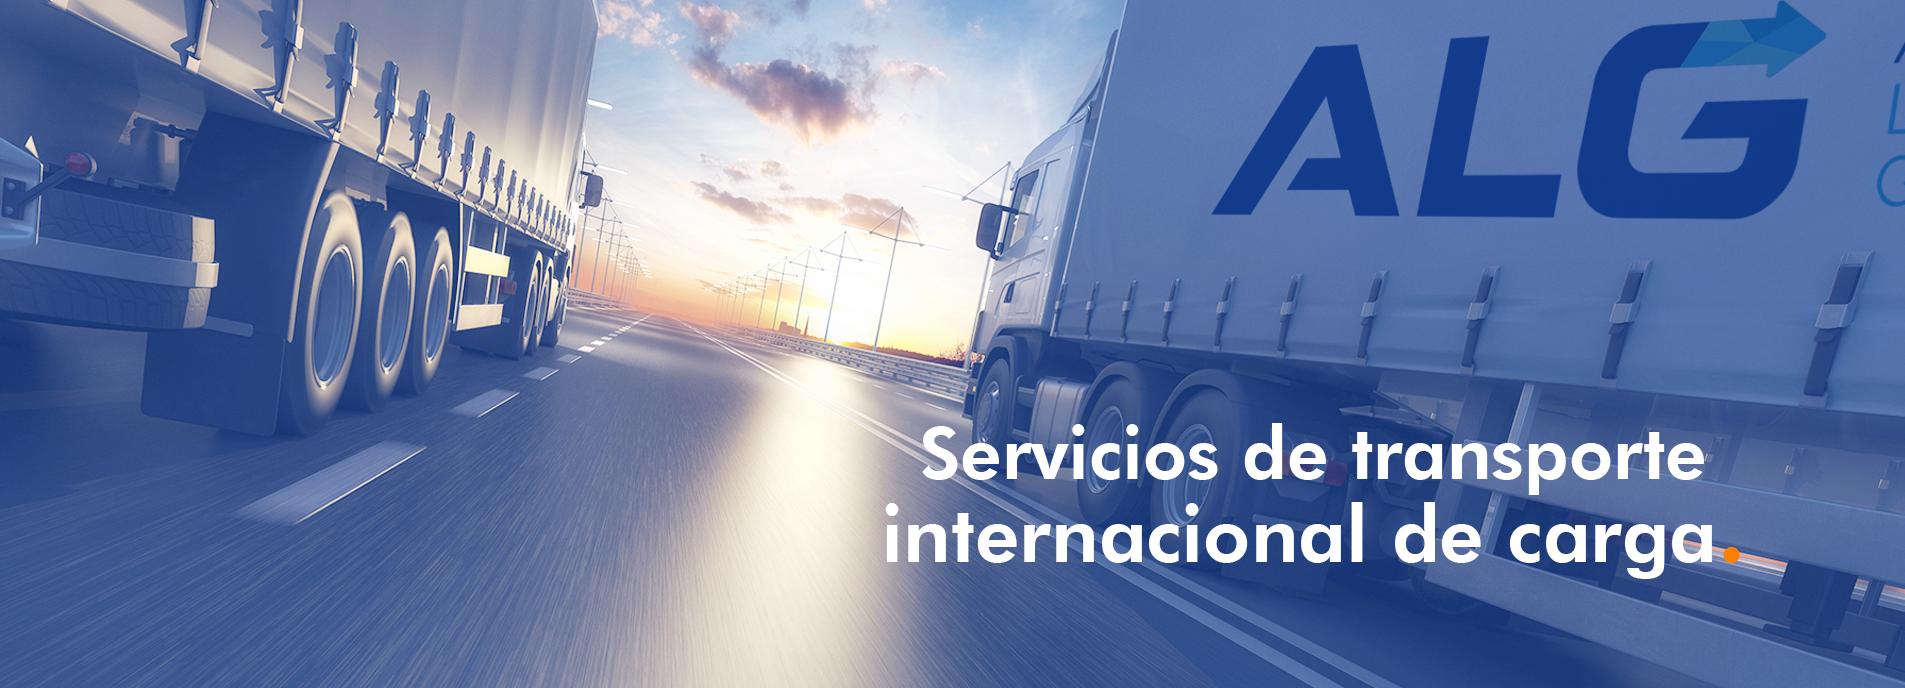 Servicios de Transporte Internacional de Carga ALG